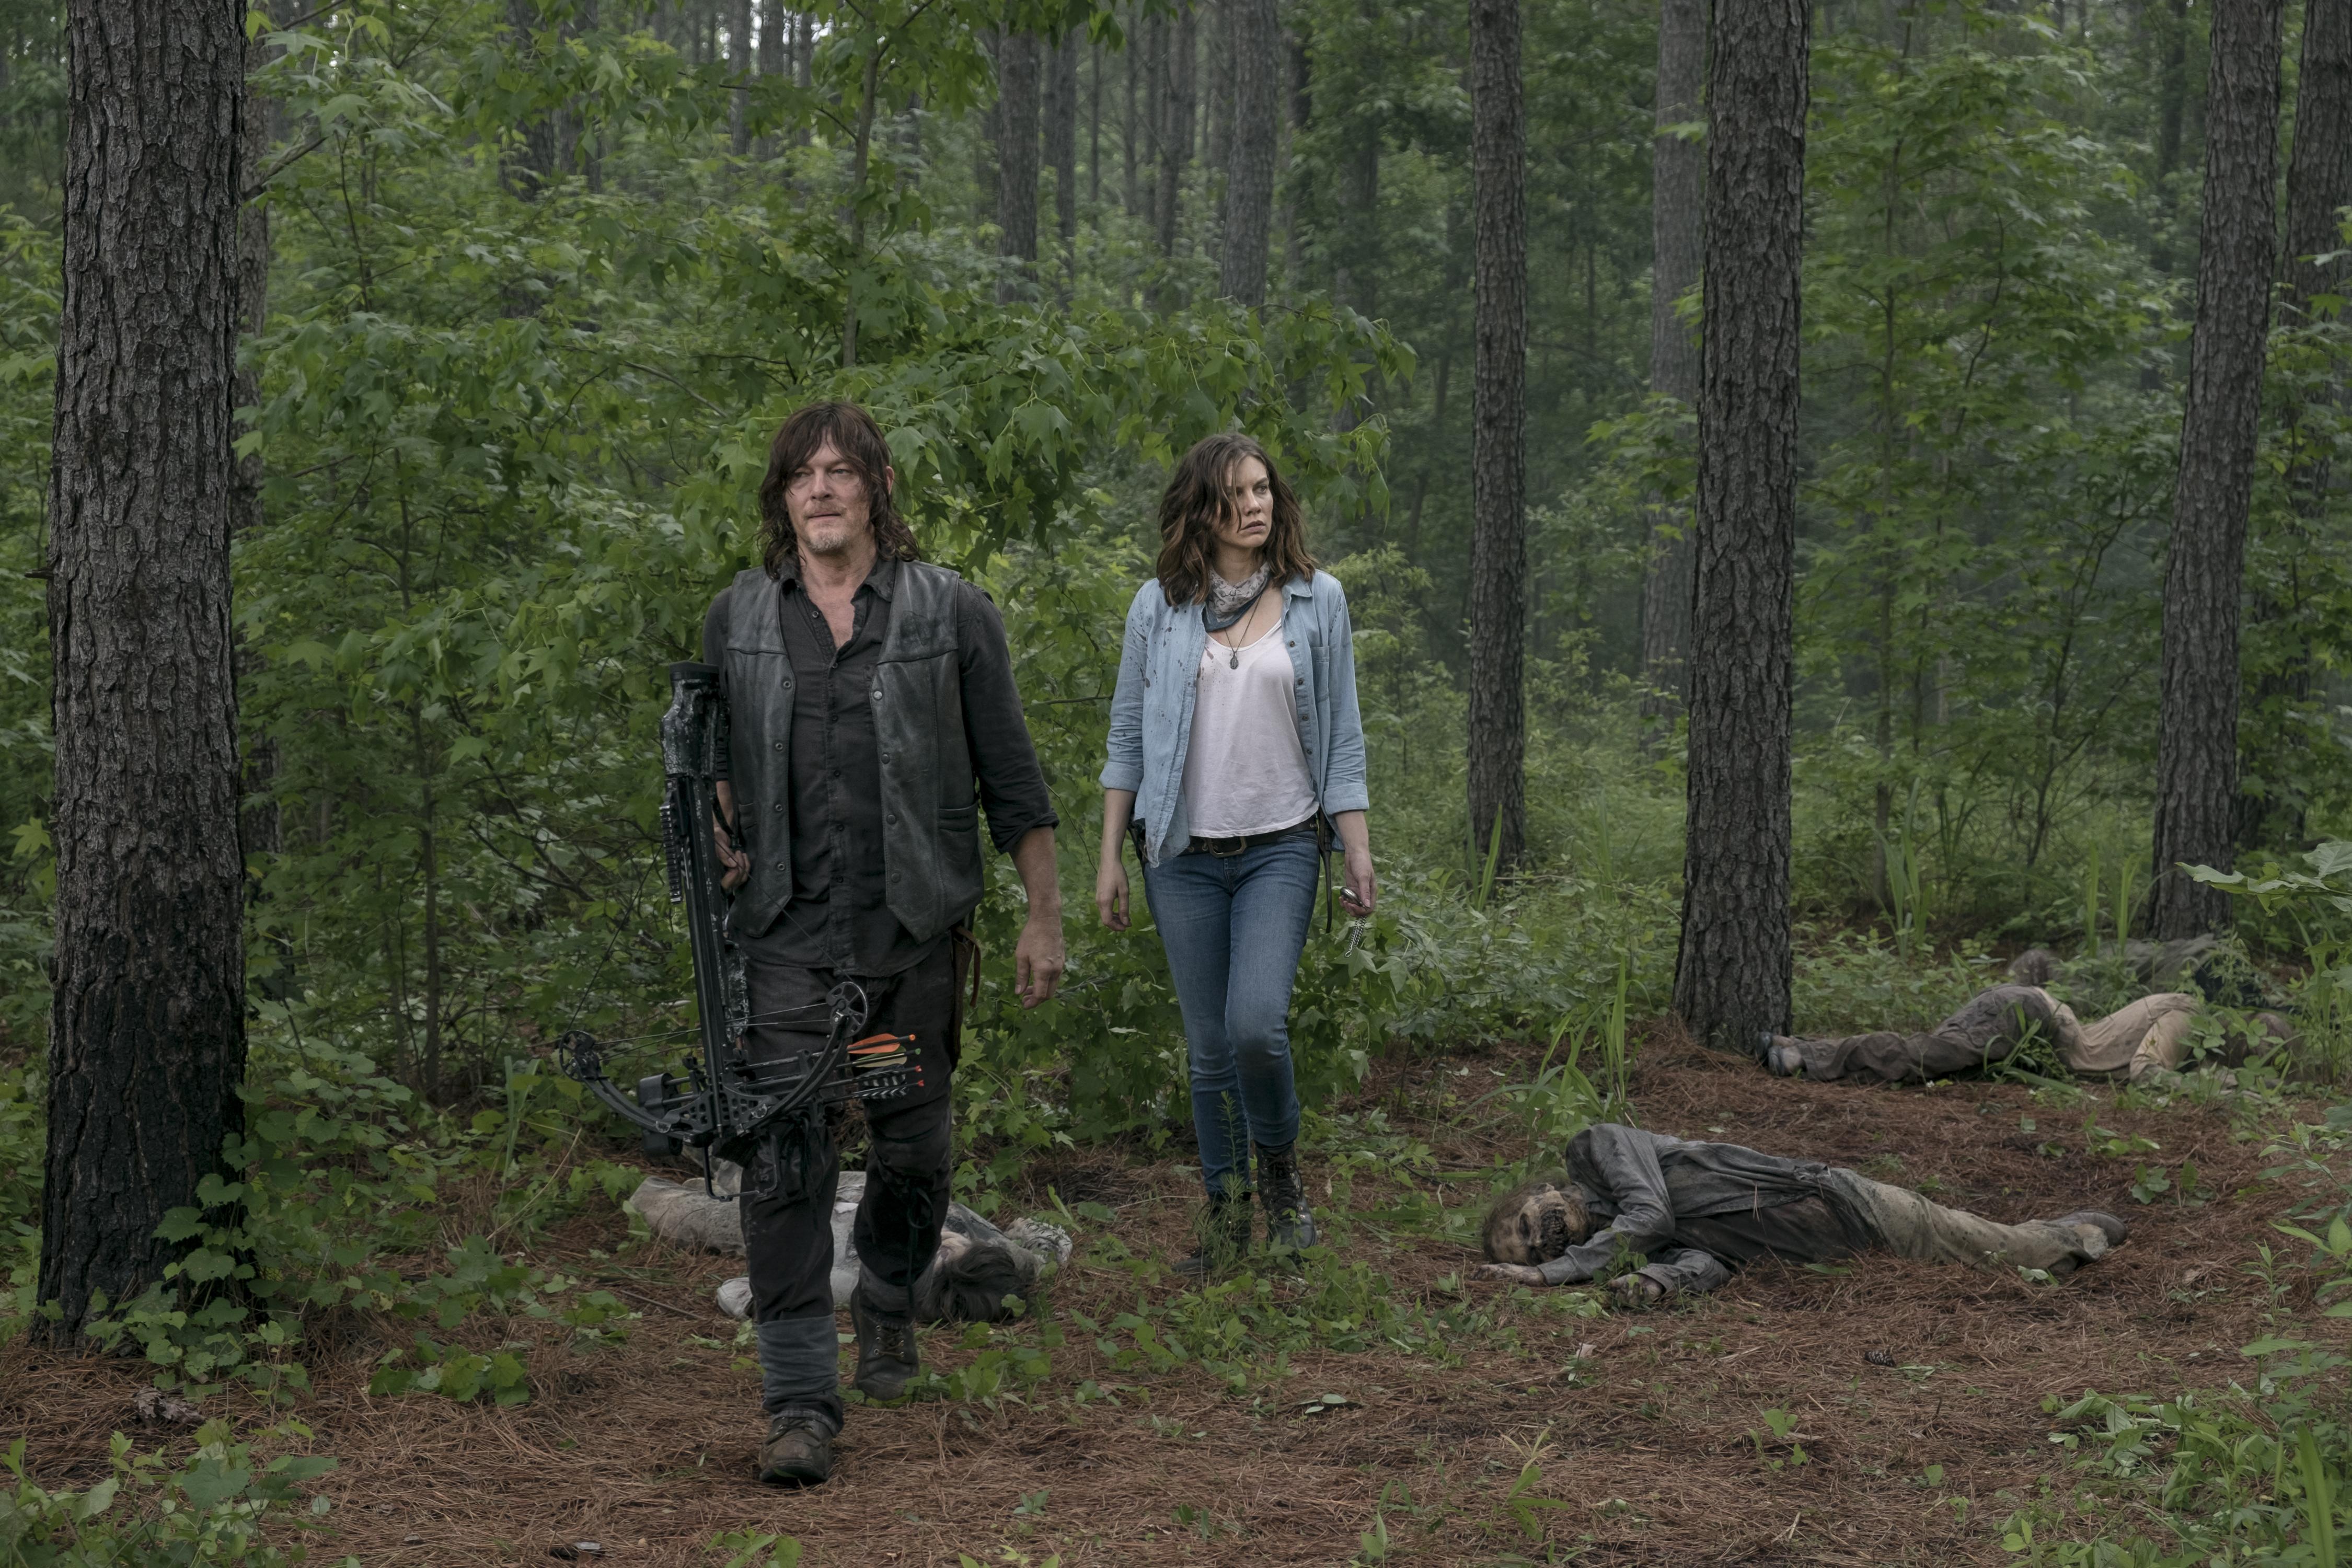 Maggie Rhee (Lauren Cohan) et Daryl Dixon (Norman Reedus) font équipe pour trouver les coupables - The Walking Dead - Season 9, Épisode 3 - Crédit Photo: Gene Page/AMC